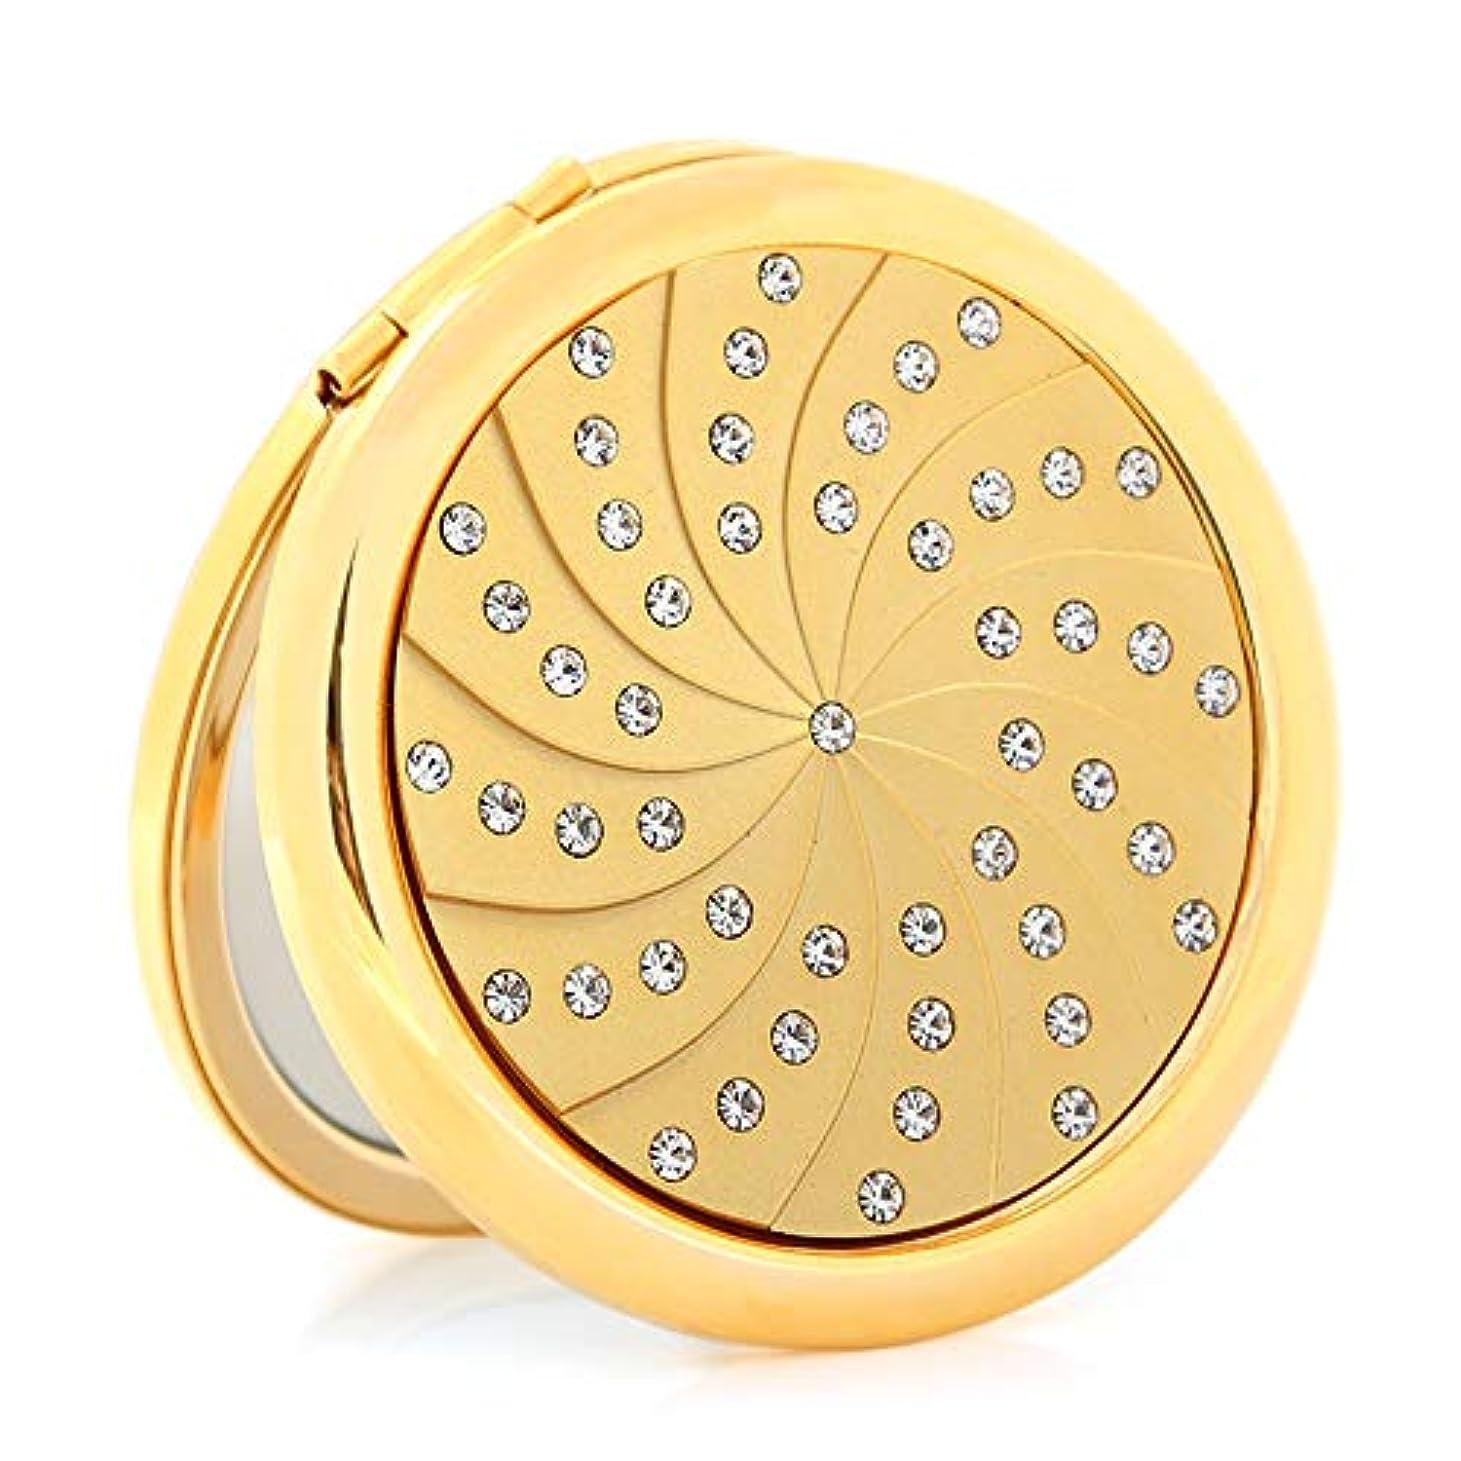 有効な偶然急いで流行の 金メッキダイヤモンド小さなミラーポータブル折りたたみ両面ポータブルミラーパーソナライズされた誕生日プレゼント